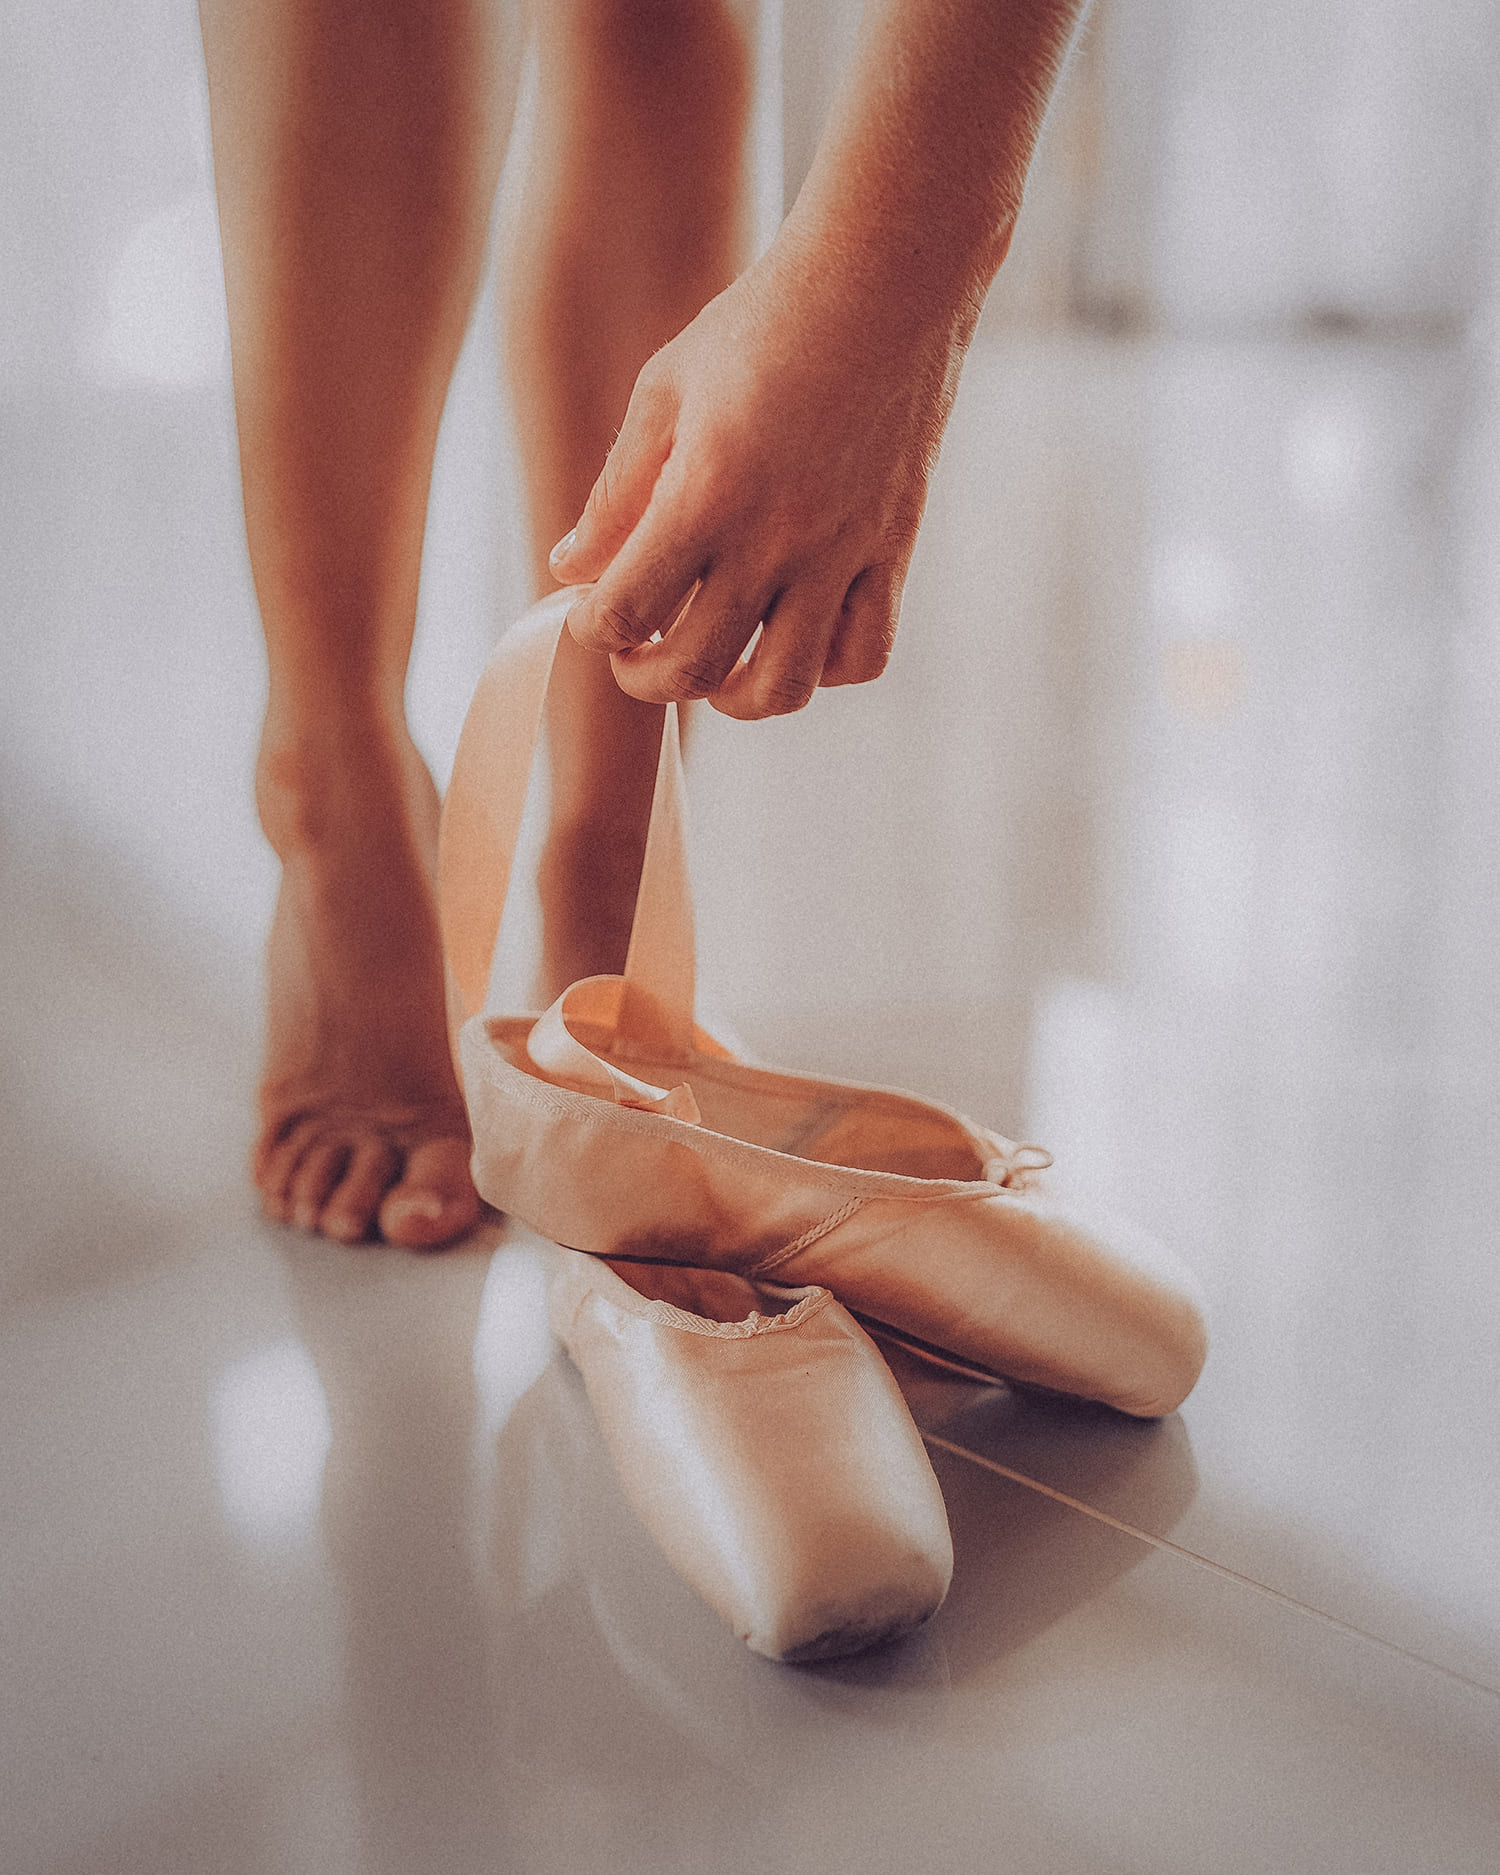 sticker-strike-julia-legs-1